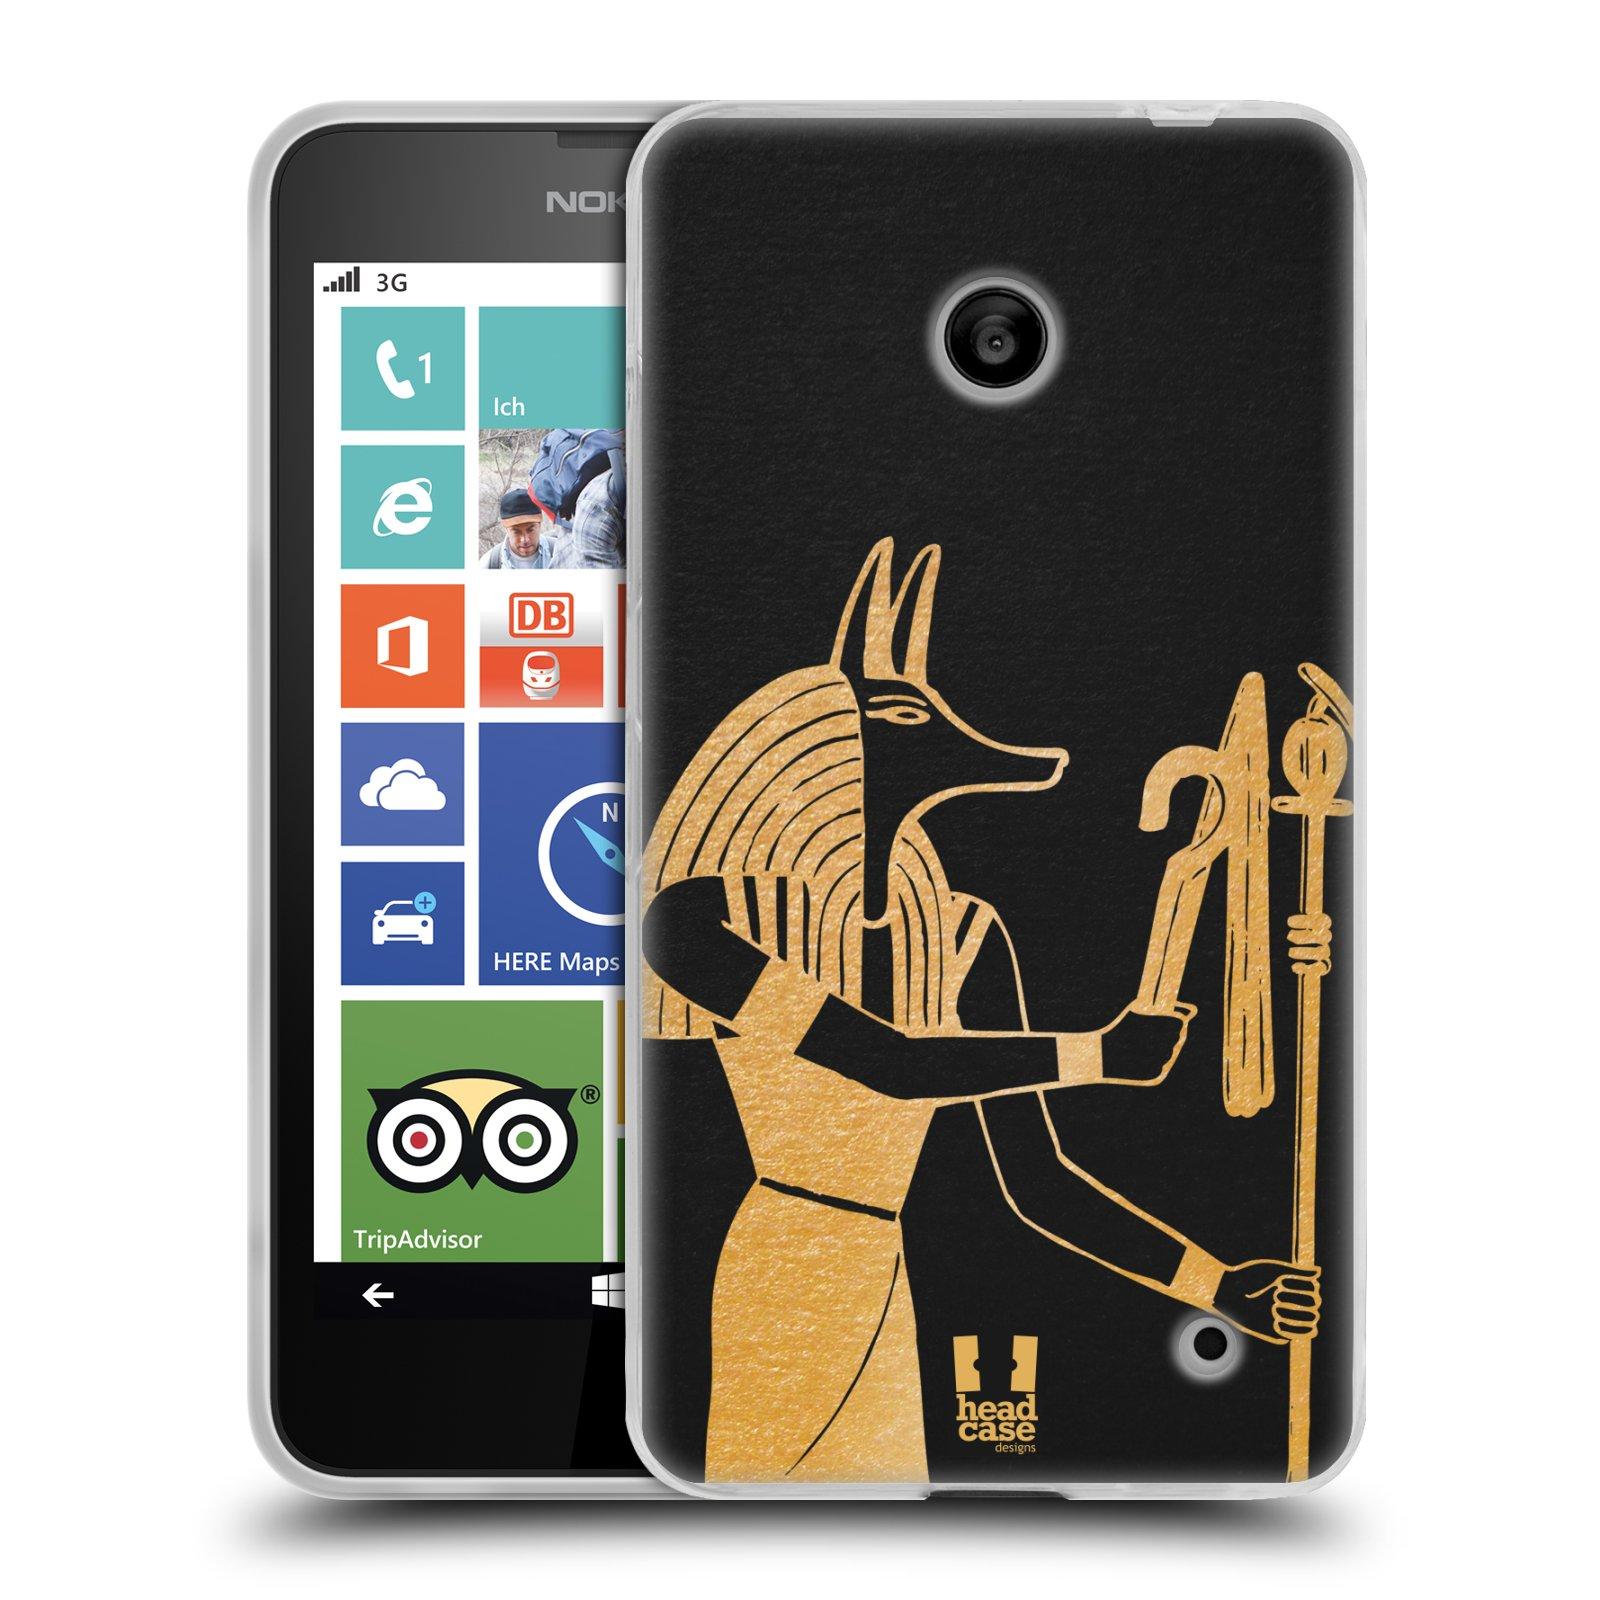 Silikonové pouzdro na mobil Nokia Lumia 630 HEAD CASE EGYPT ANUBIS (Silikonový kryt či obal na mobilní telefon Nokia Lumia 630 a Nokia Lumia 630 Dual SIM)